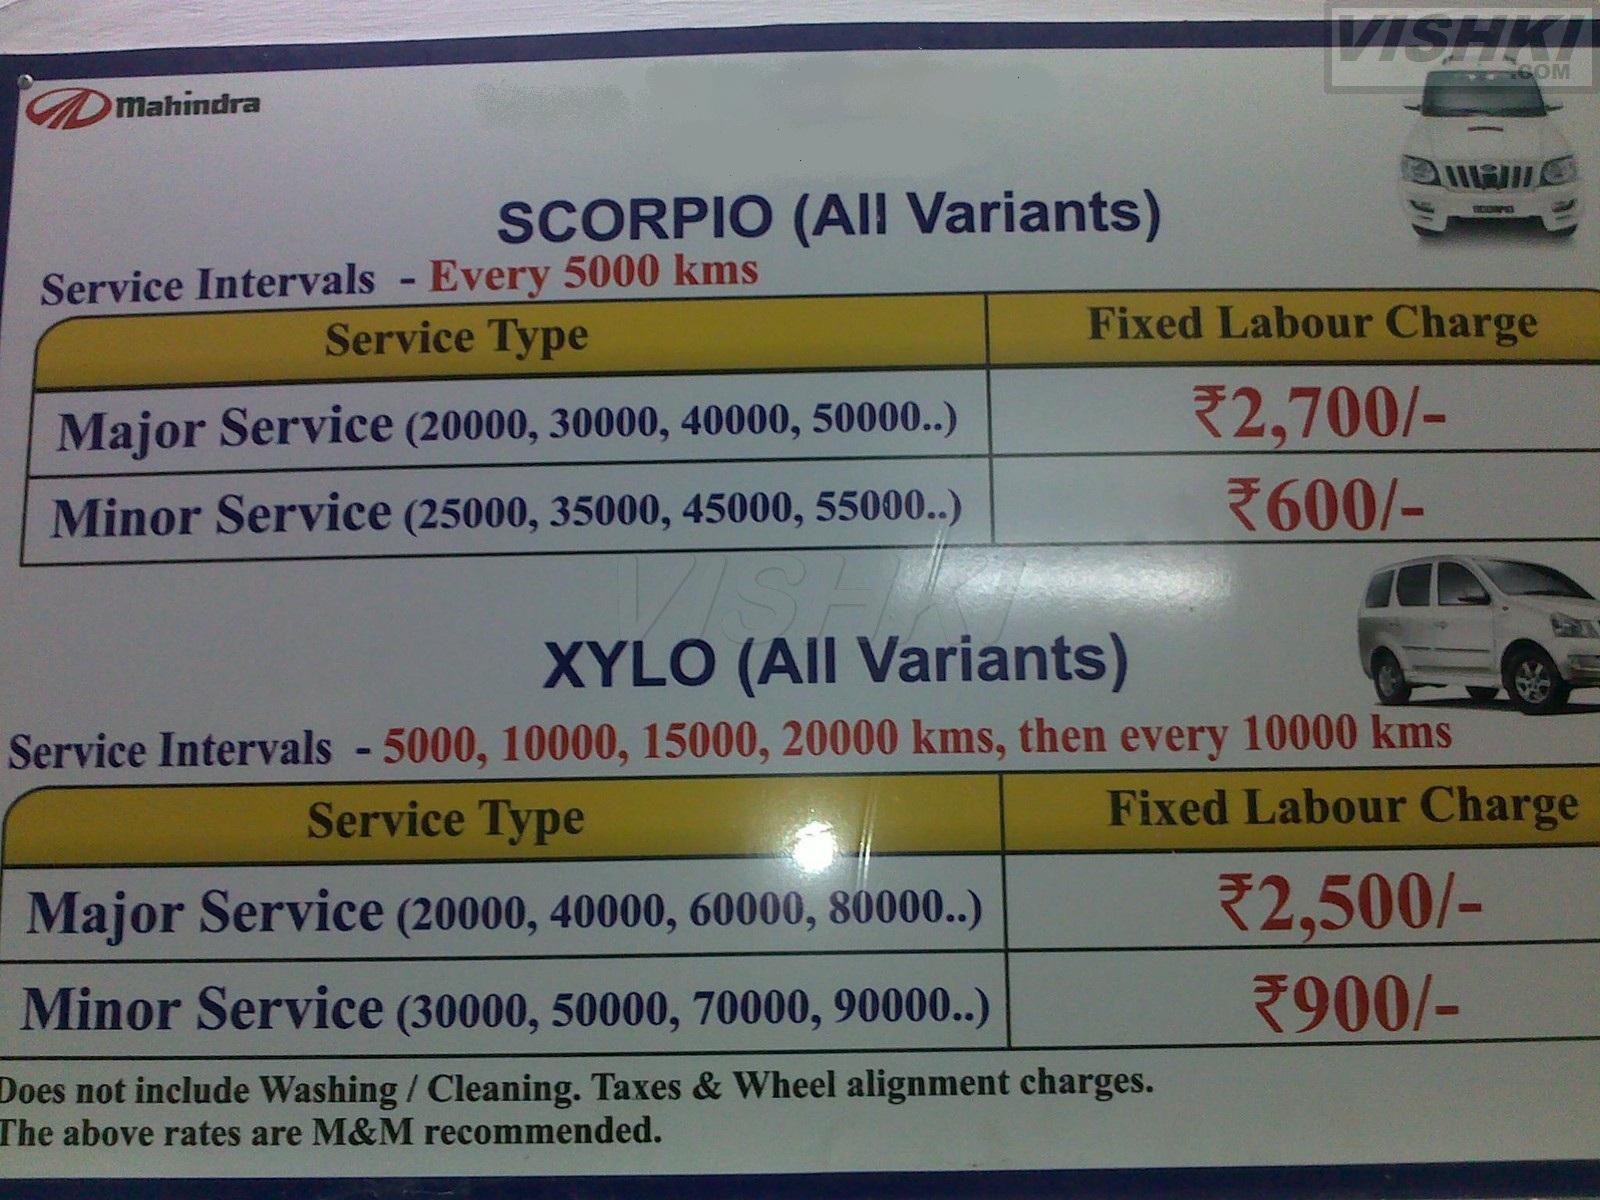 vishki_com_scorpio_xylo_service (5)